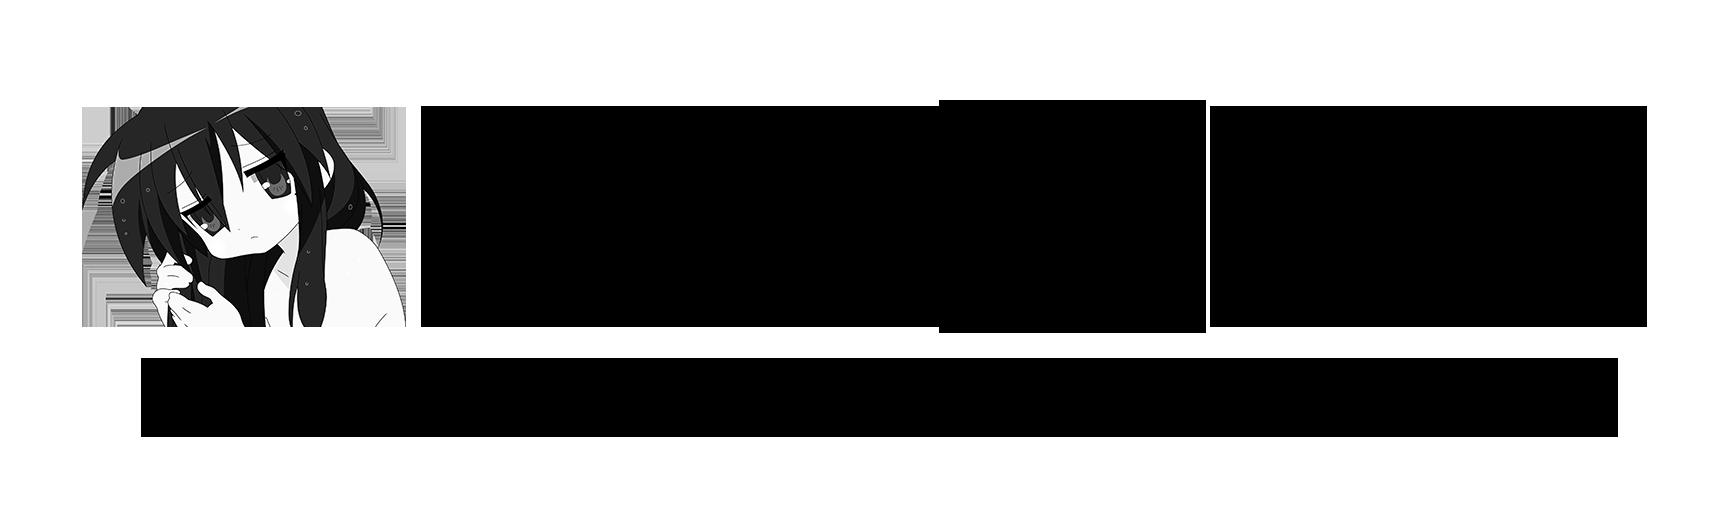 Timotei by BFG-9KRC